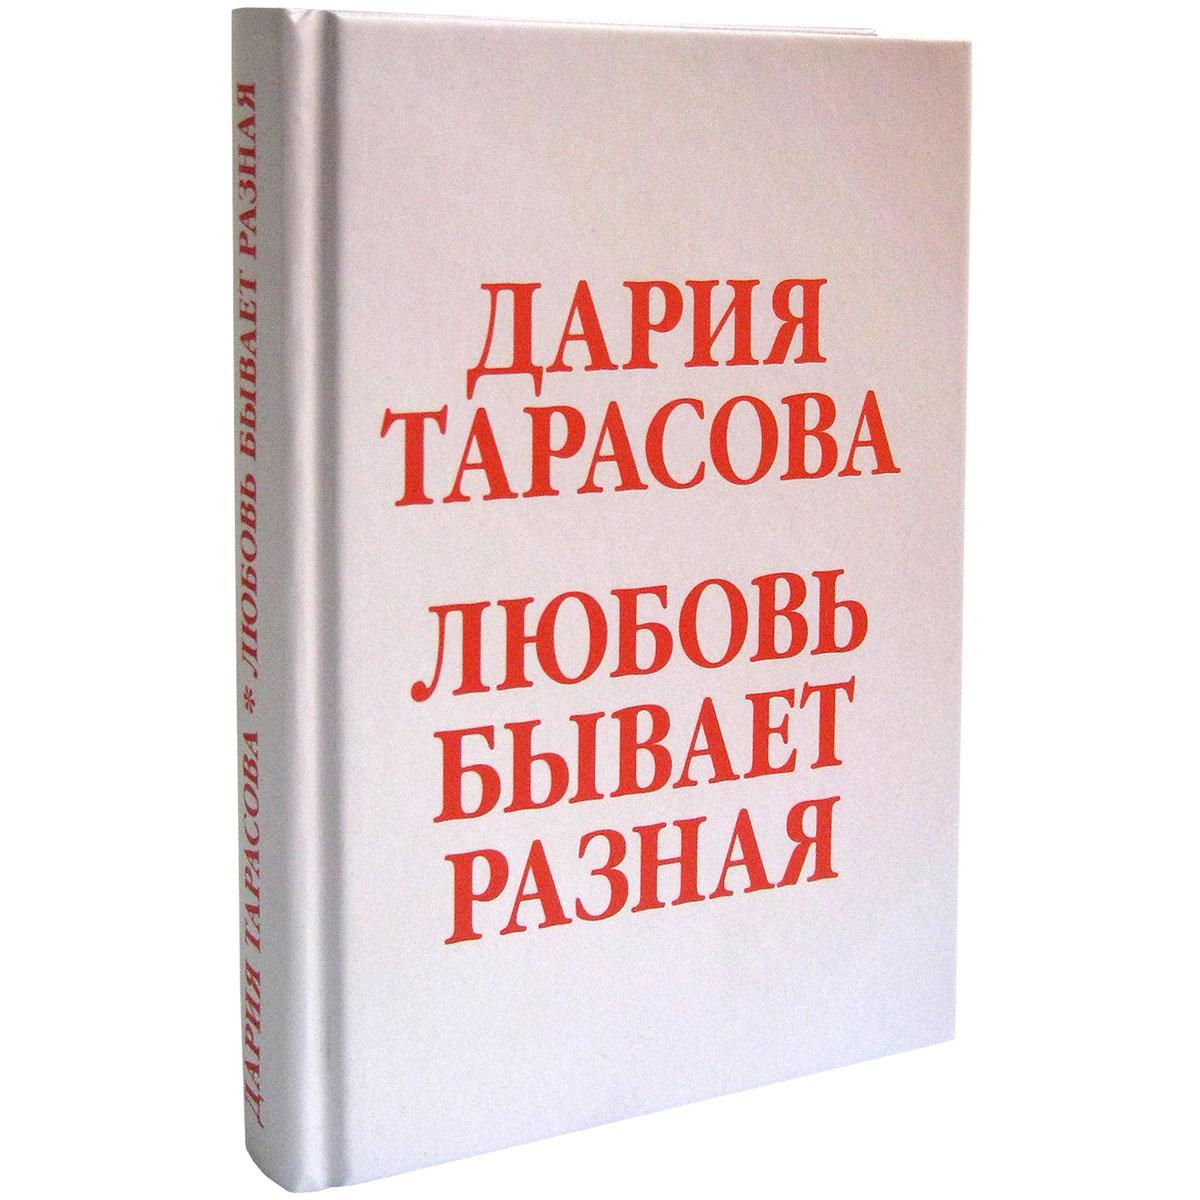 Дария Тарасова Любовь бывает разная алексей розенберг бывает… сборник